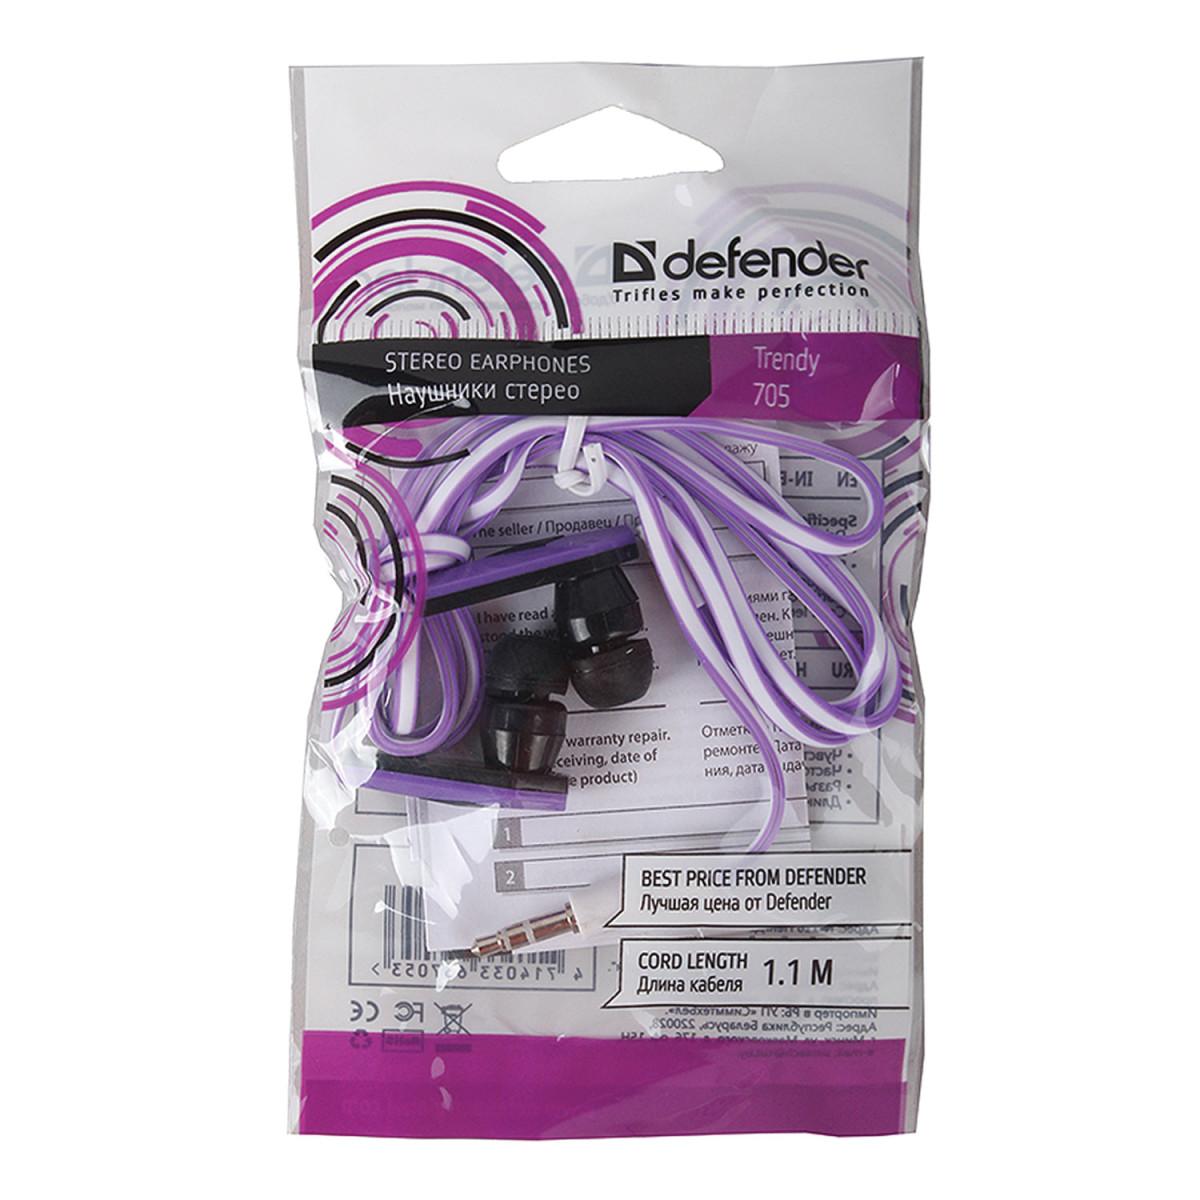 Наушники DEFENDER Trendy 705, проводные, 1,1 м, вкладыши, черные с сиреневым, 63705 (арт. 63705)